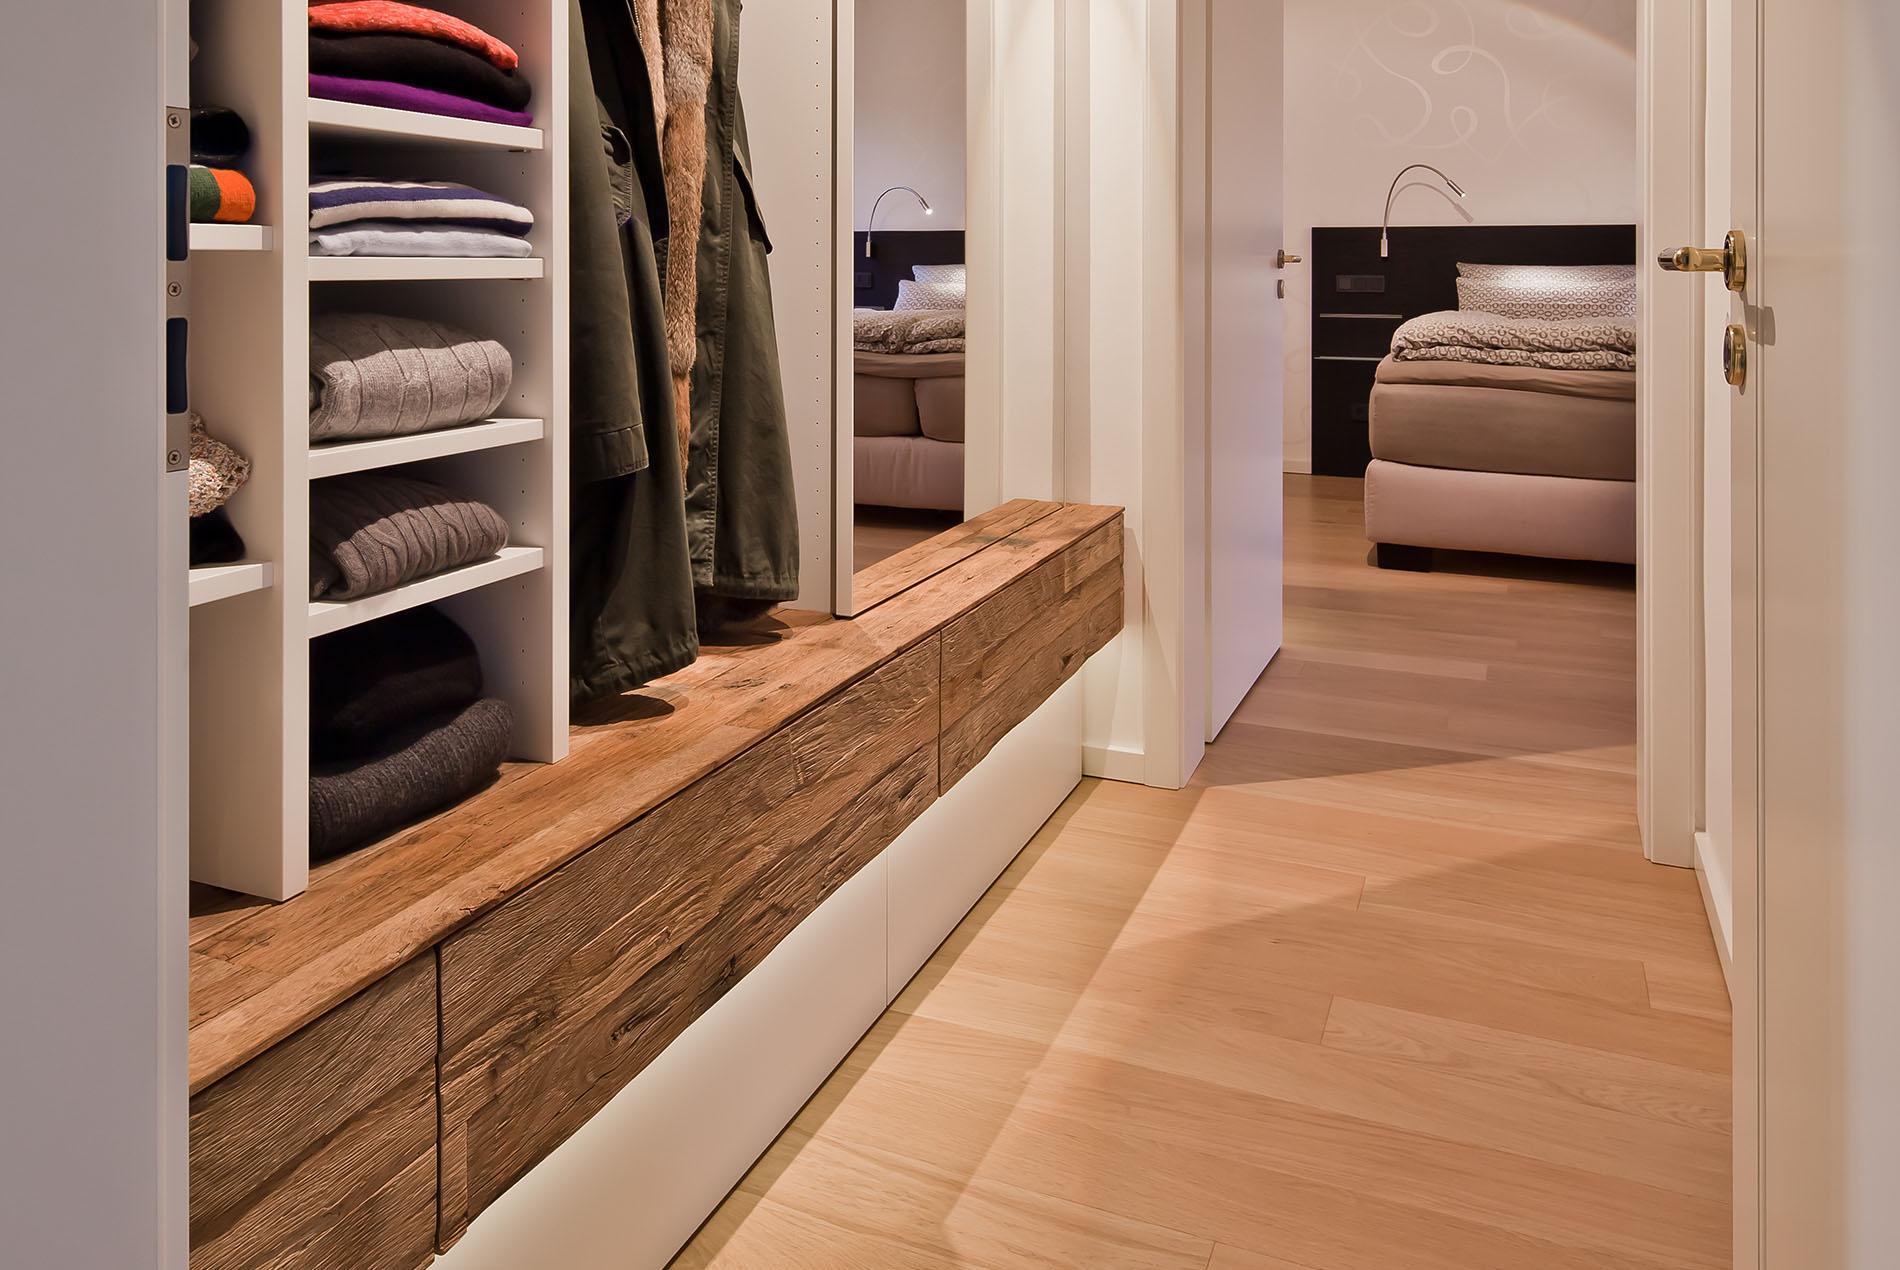 die besondere tischlerei sch pker holz wohn form gmbh co kg. Black Bedroom Furniture Sets. Home Design Ideas